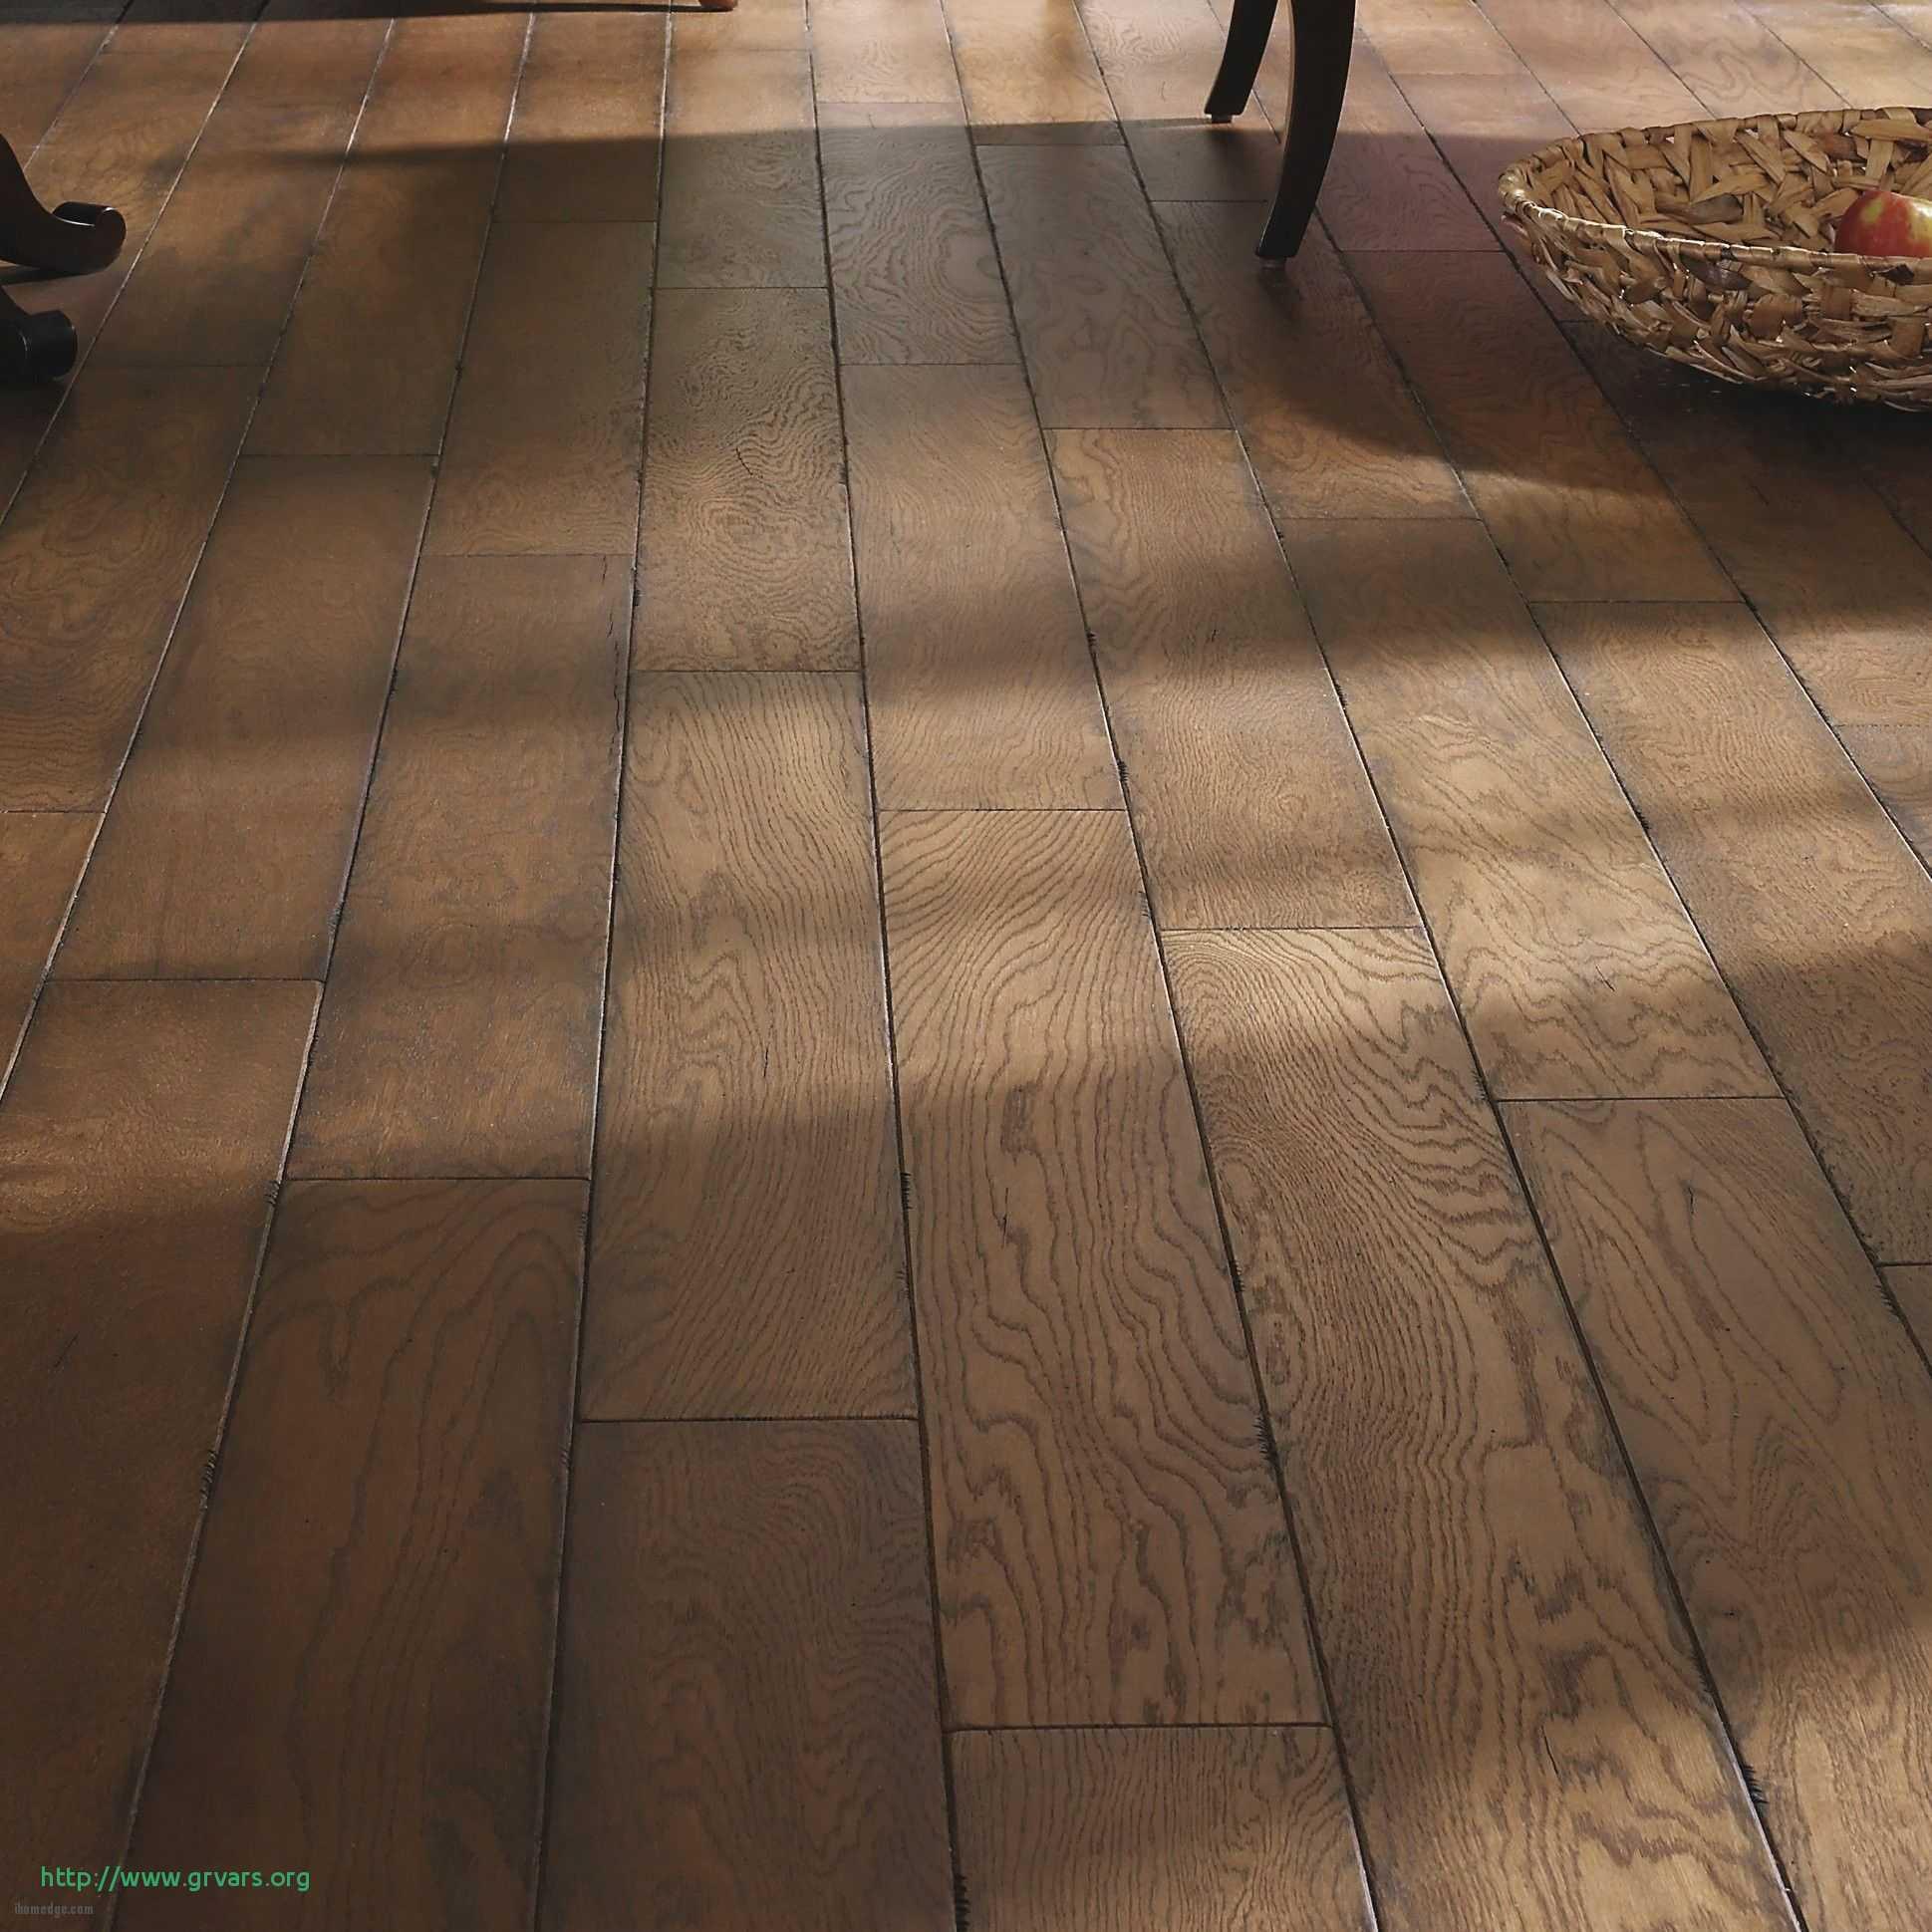 2 1 2 oak hardwood flooring of 16 beau prefinished quarter sawn white oak flooring ideas blog within prefinished quarter sawn white oak flooring impressionnant cool lovely white oak hardwood flooring easoon usa 5